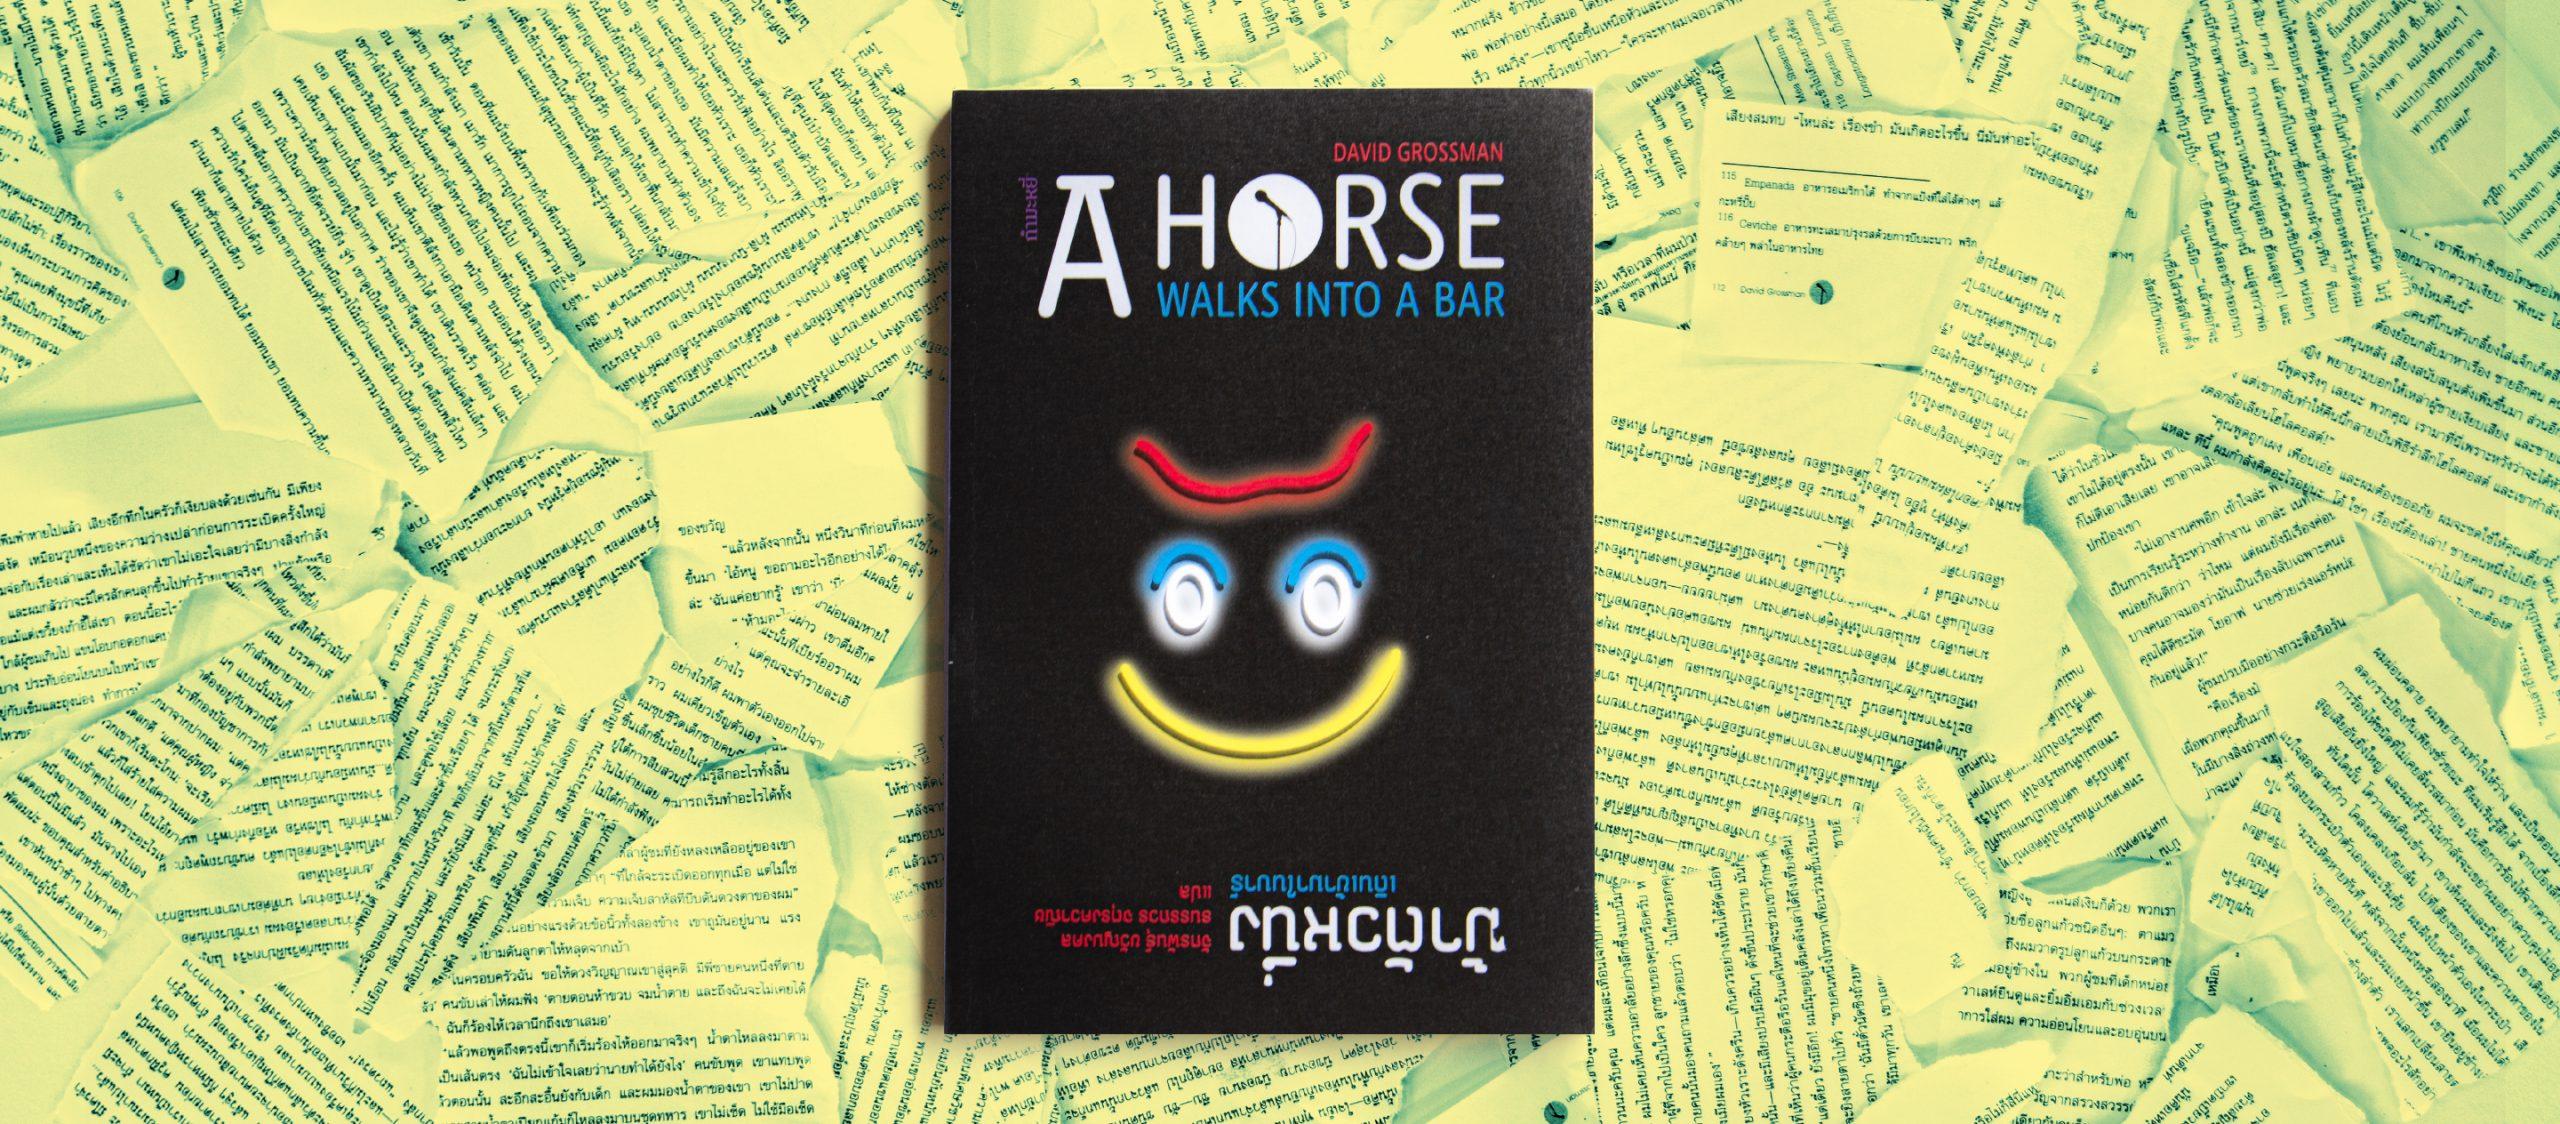 มนุษย์เราทำร้ายกันผ่านเสียงหัวเราะบ่อยเพียงใด ใน A Horse Walks into a Bar